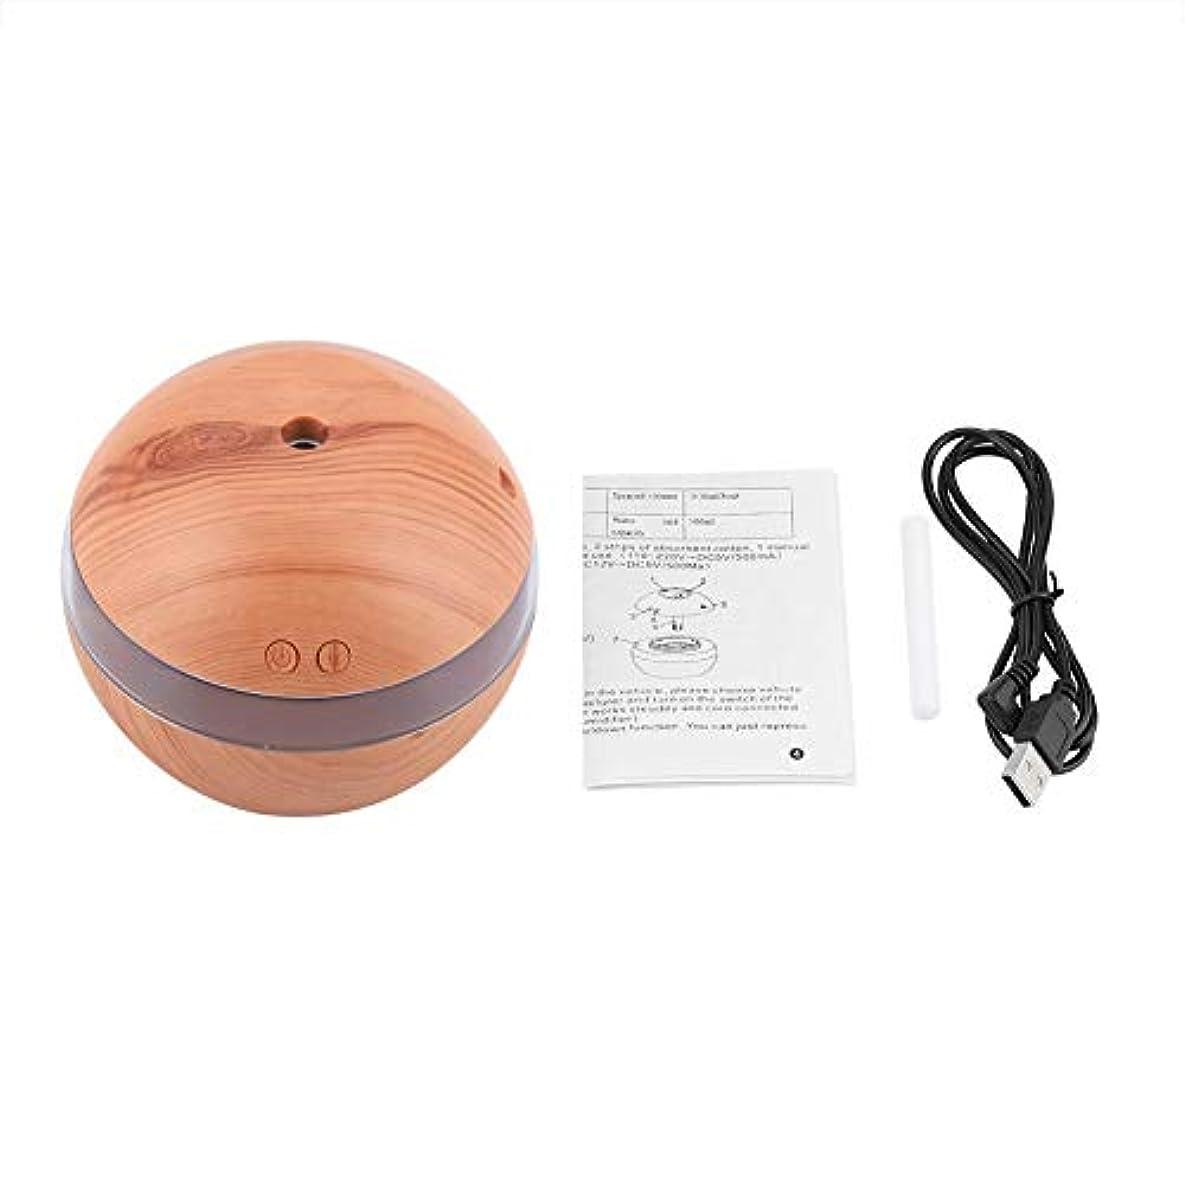 銃近く結晶木製加湿器ディフューザー、300ml USBスーパーライトアロマセラピーエッセンシャルオイルアロマディフューザー、LEDライト付き(軽い木製)